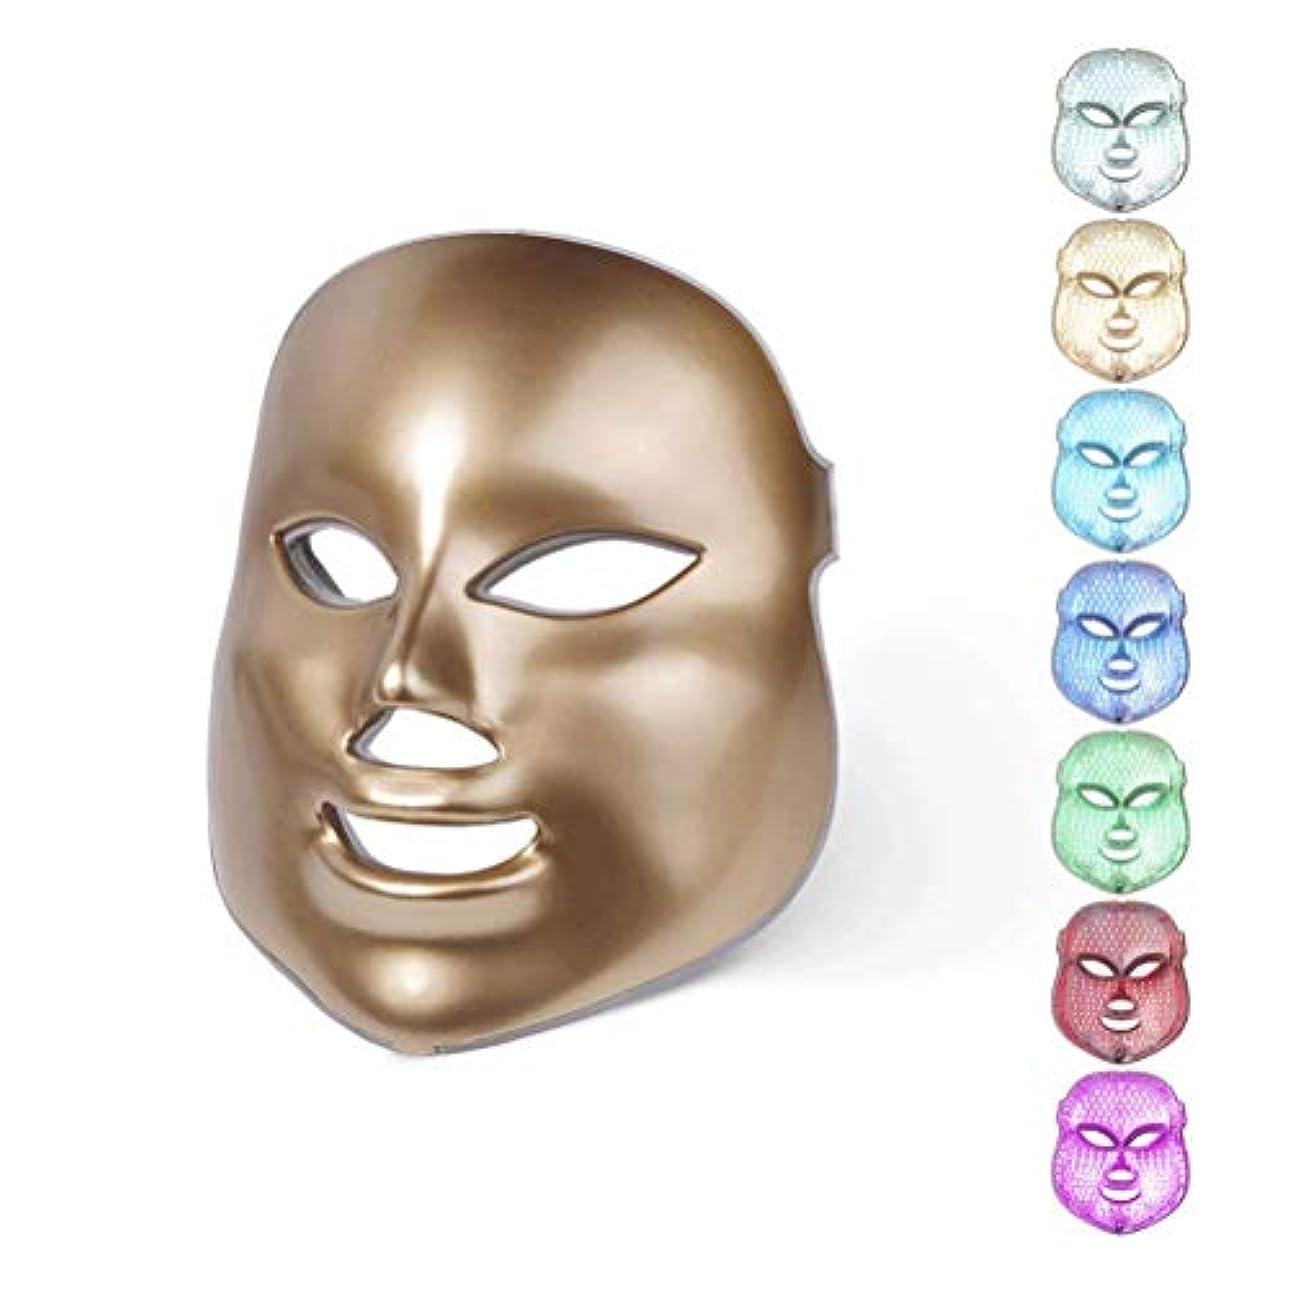 示す規模一方、7カラーライトセラピーフェイスマスクは、LEDライトフェイスフォトンは、にきび削減リンクル肌の若返りのために毛穴スキンケアセラピー?フェイシャル美容サロンPDT技術を締めマスク